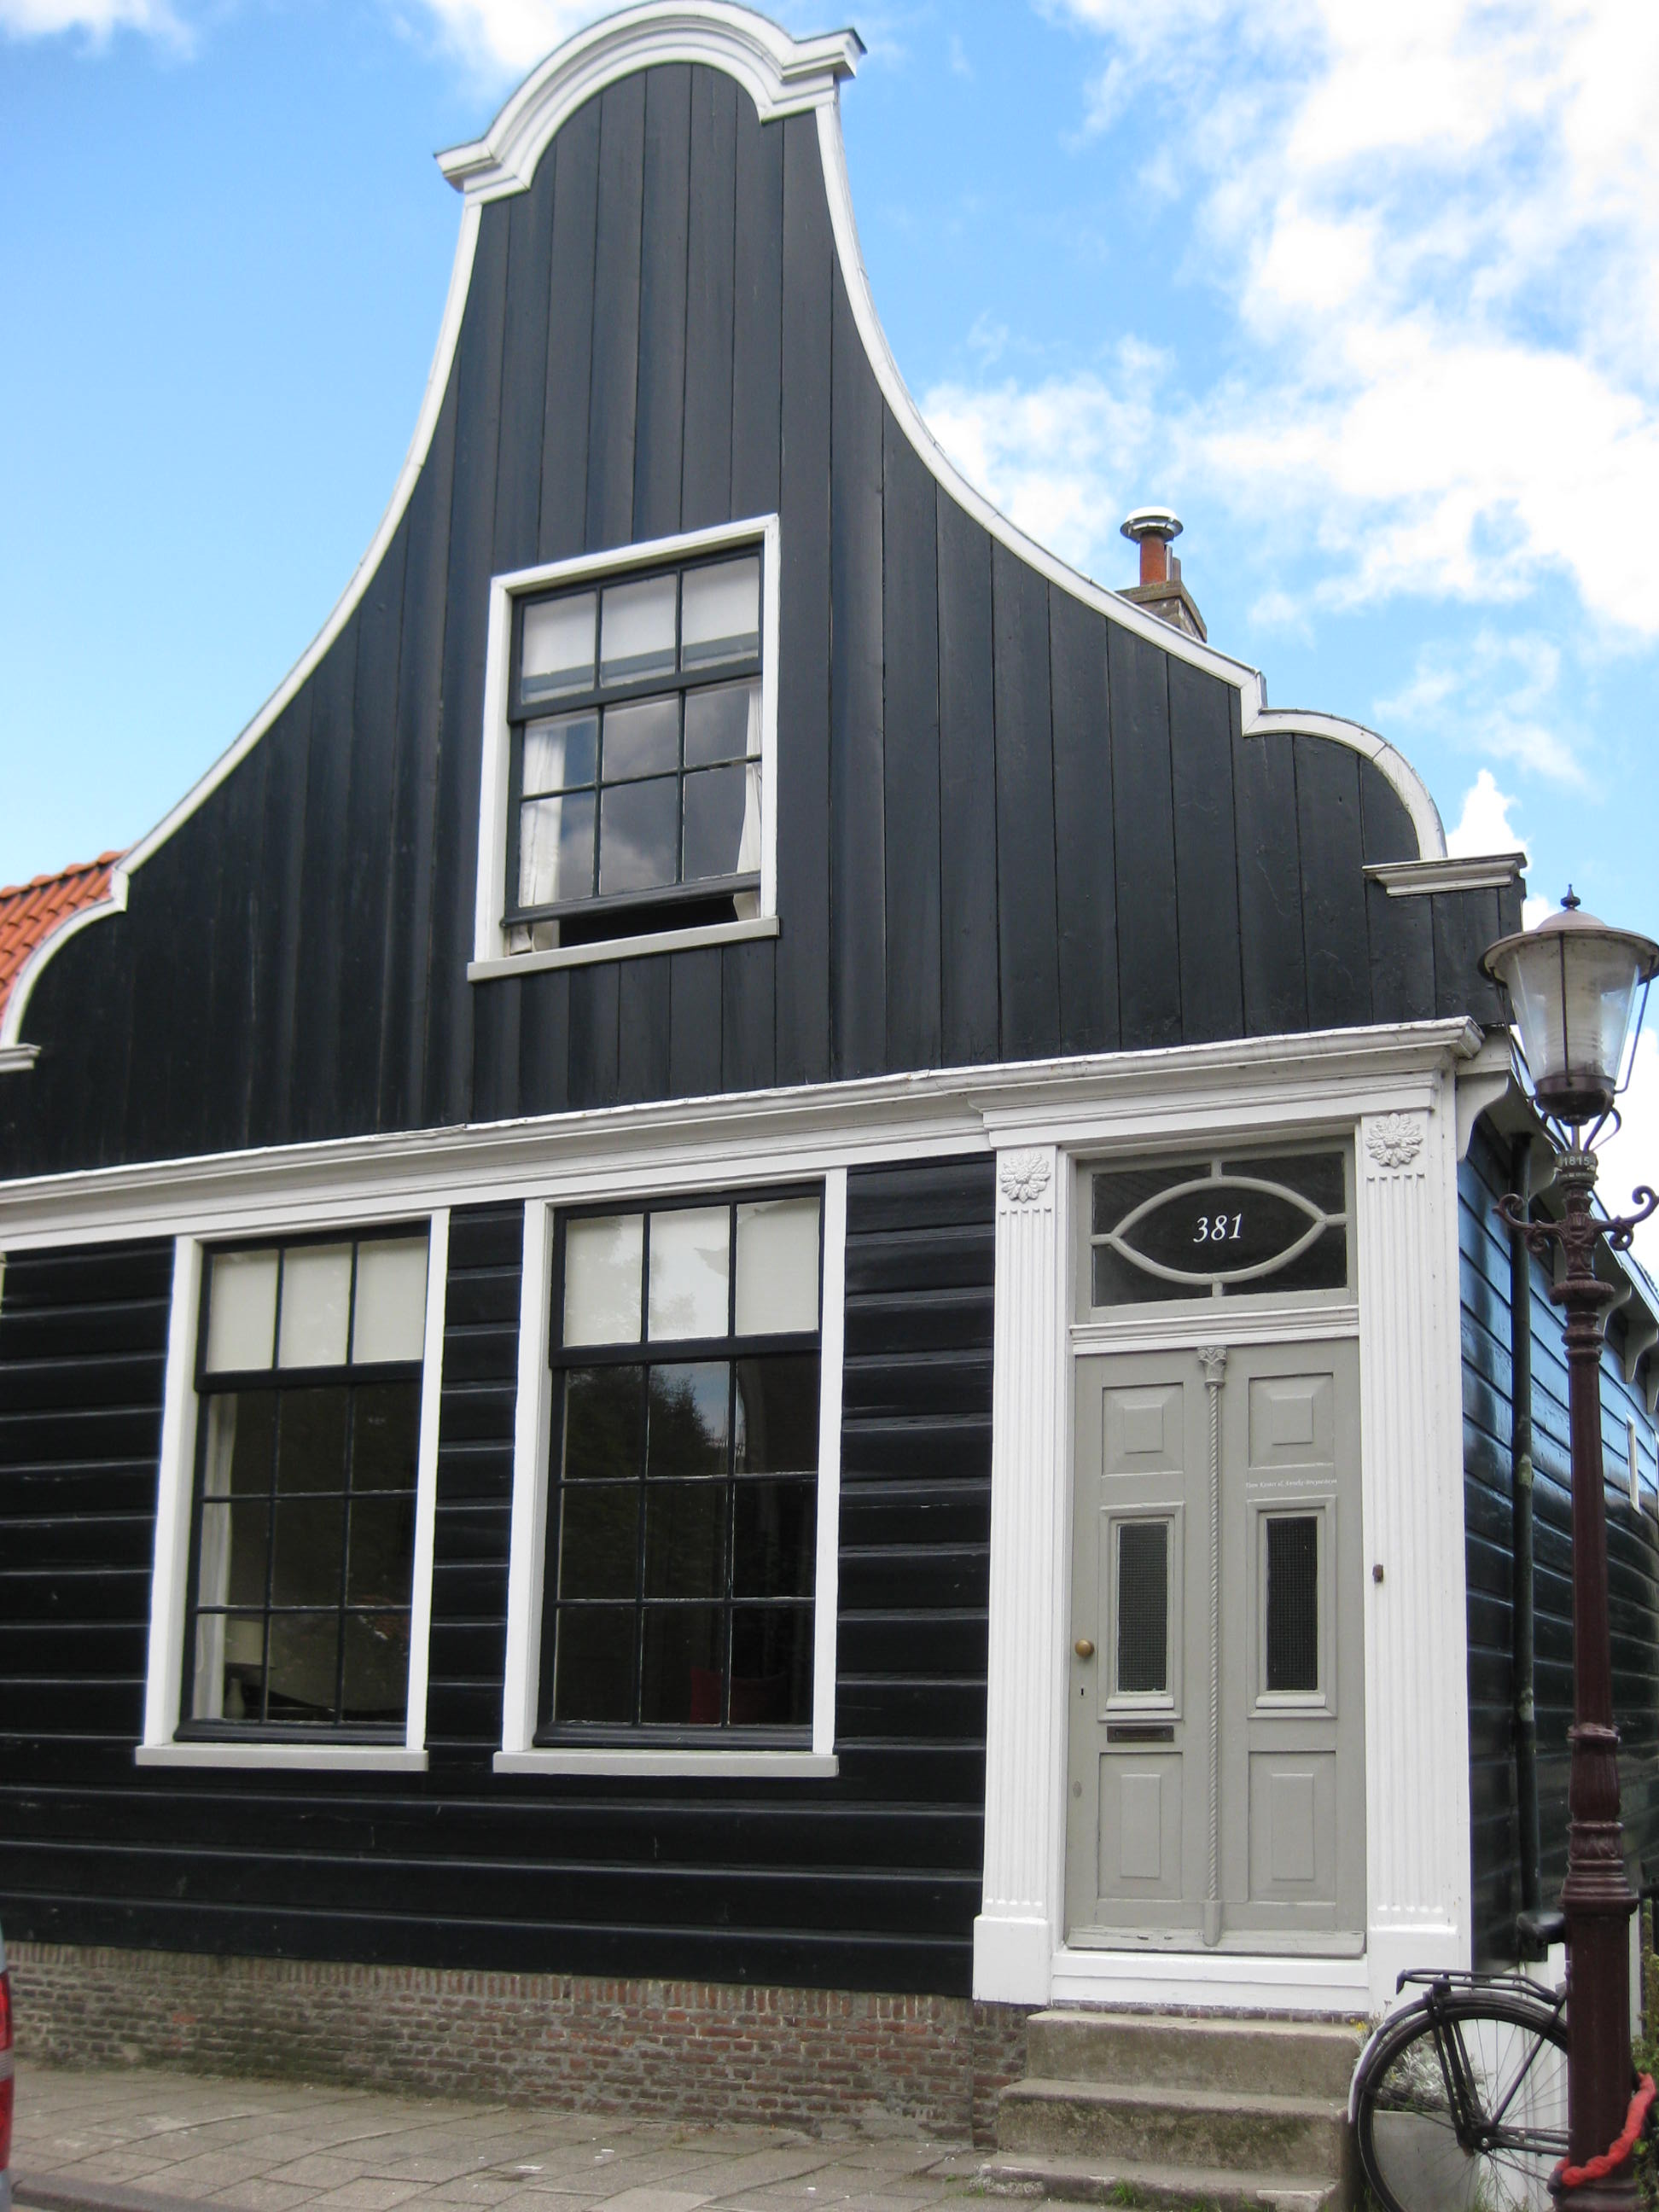 Houten huis met klokgevel uit en ingezwenkt voorschot onderpui in empirestijl in amsterdam - Houten huis ...